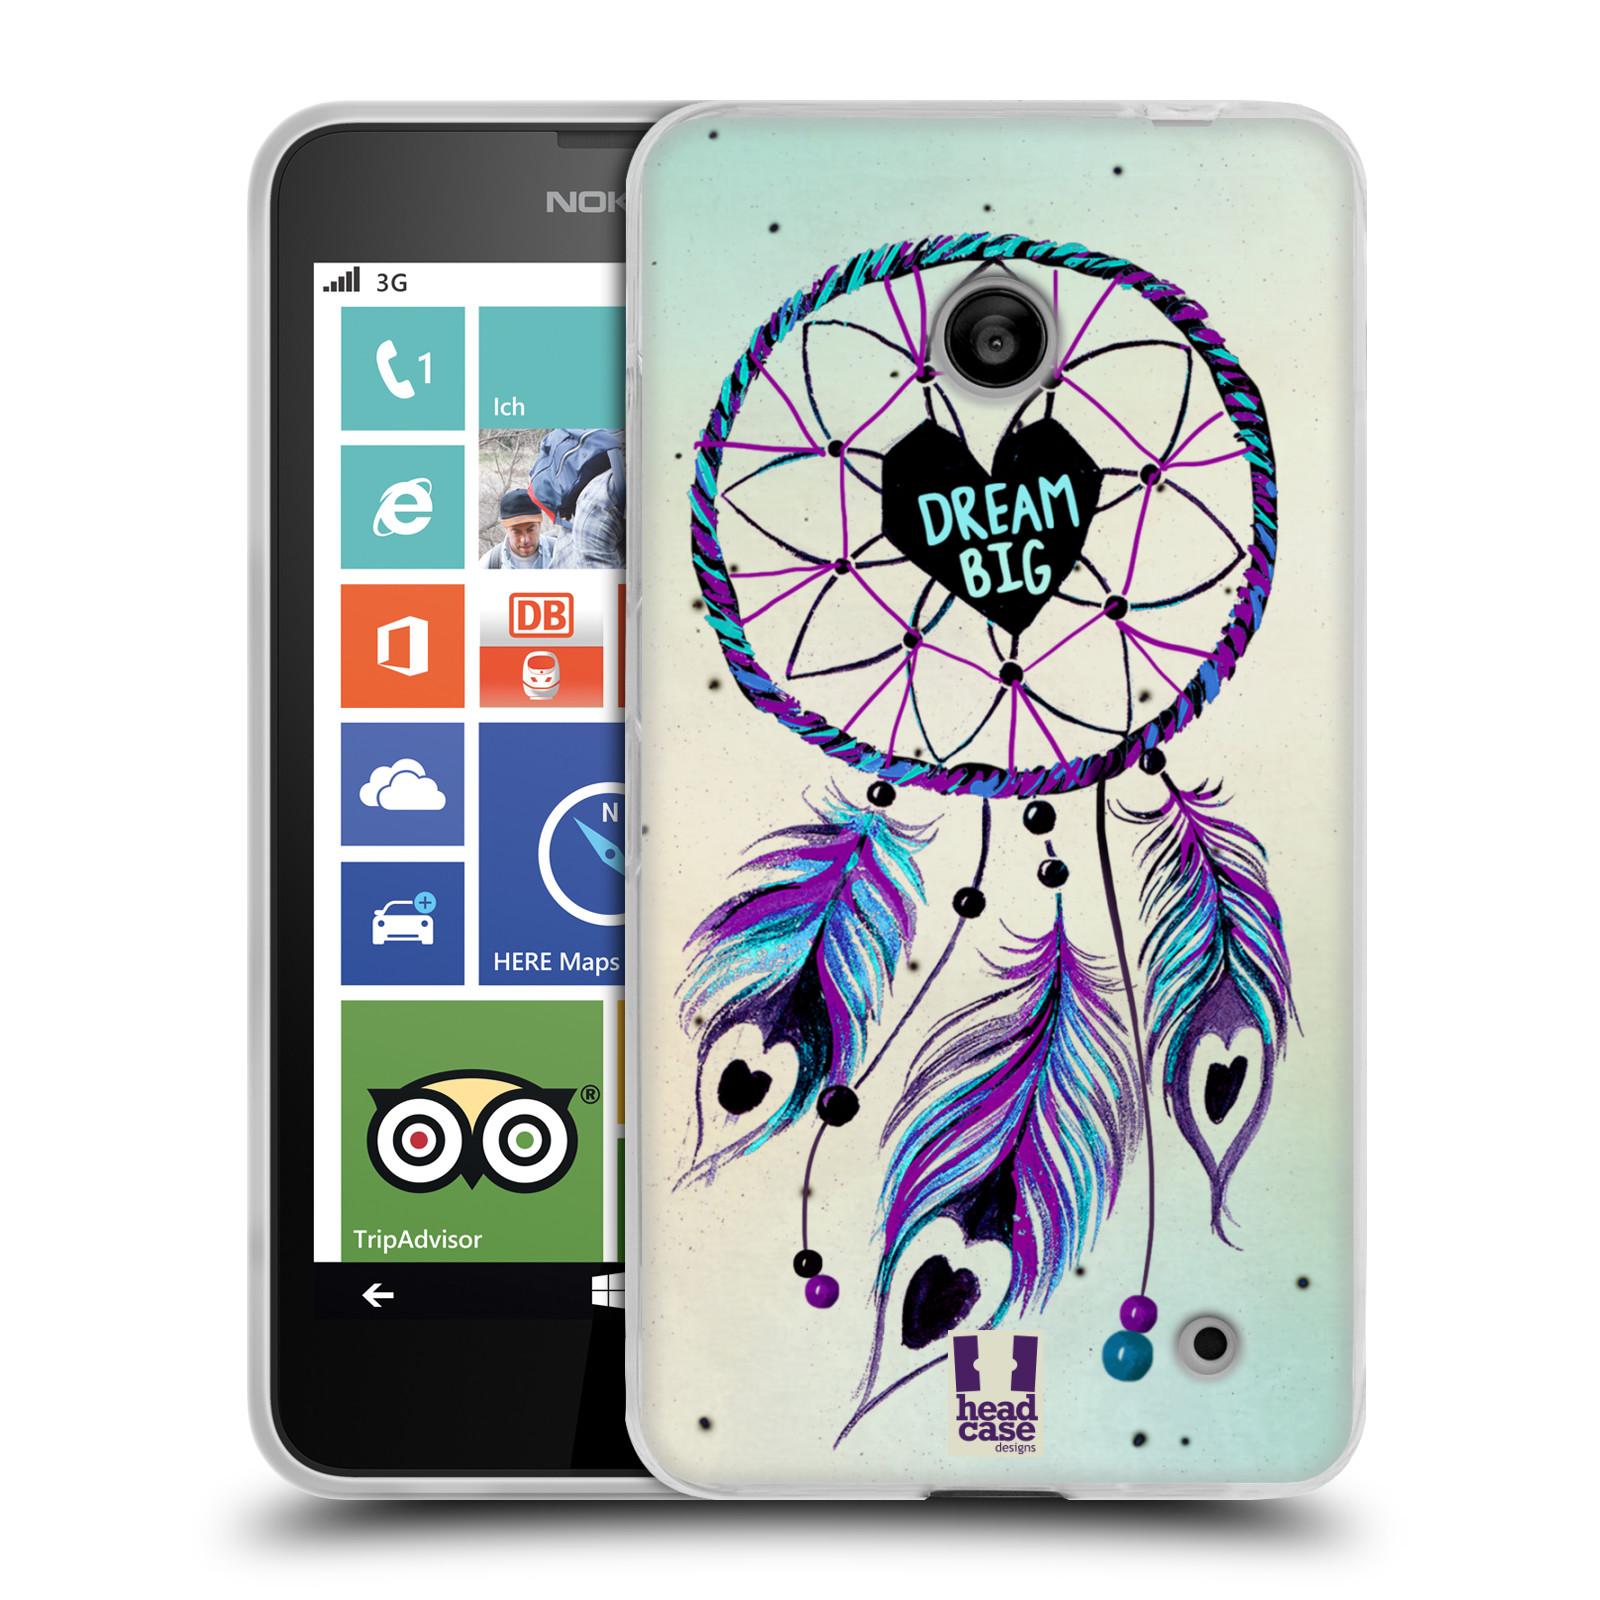 Silikonové pouzdro na mobil Nokia Lumia 635 HEAD CASE Lapač Assorted Dream Big Srdce (Silikonový kryt či obal na mobilní telefon Nokia Lumia 635 Dual SIM)